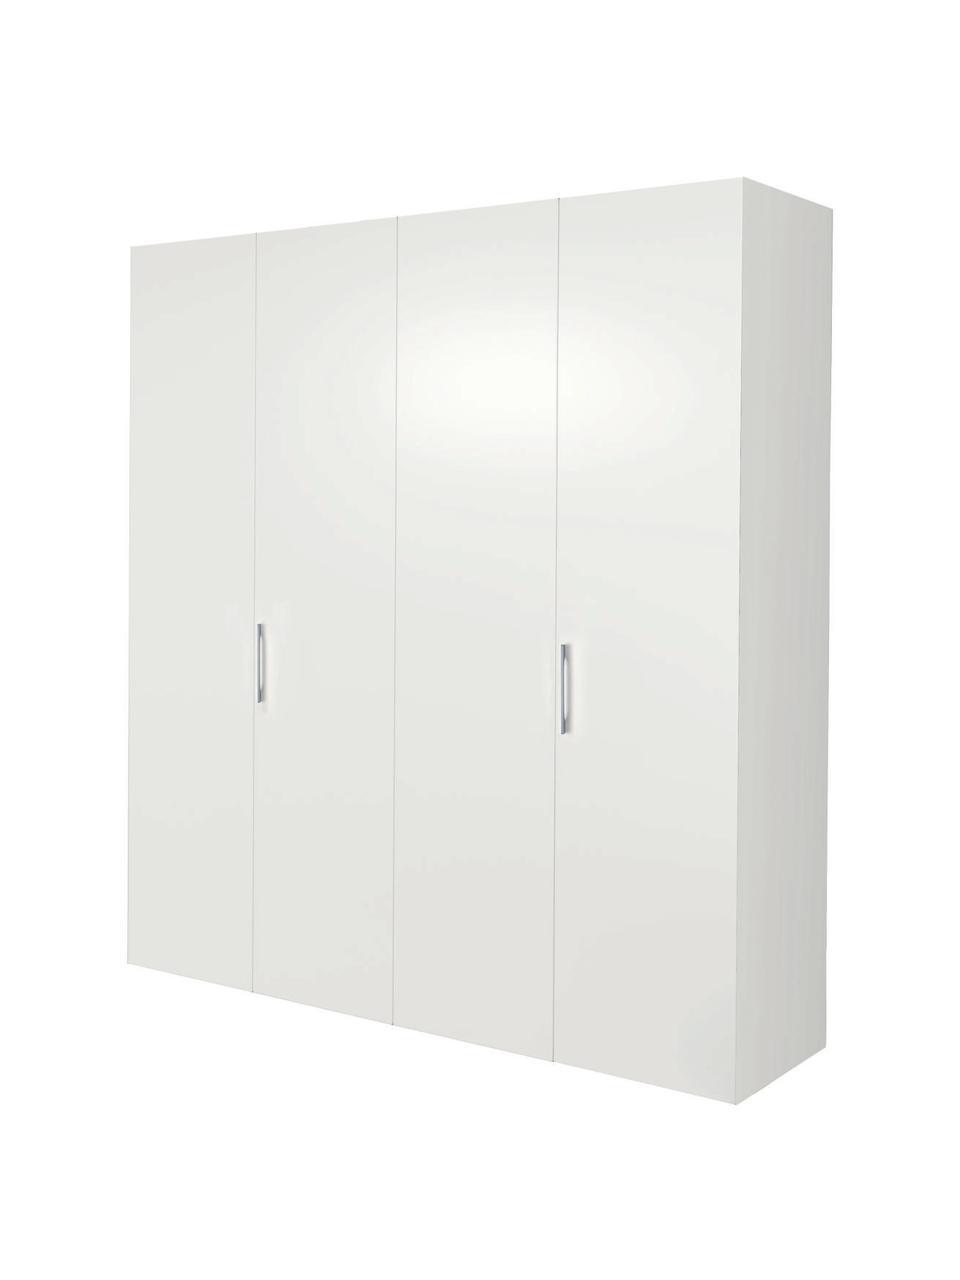 Kleiderschrank Madison 4-türig, inkl. Montageservice, Korpus: Holzwerkstoffplatten, lac, Weiß, Ohne Spiegeltür, 202 x 230 cm